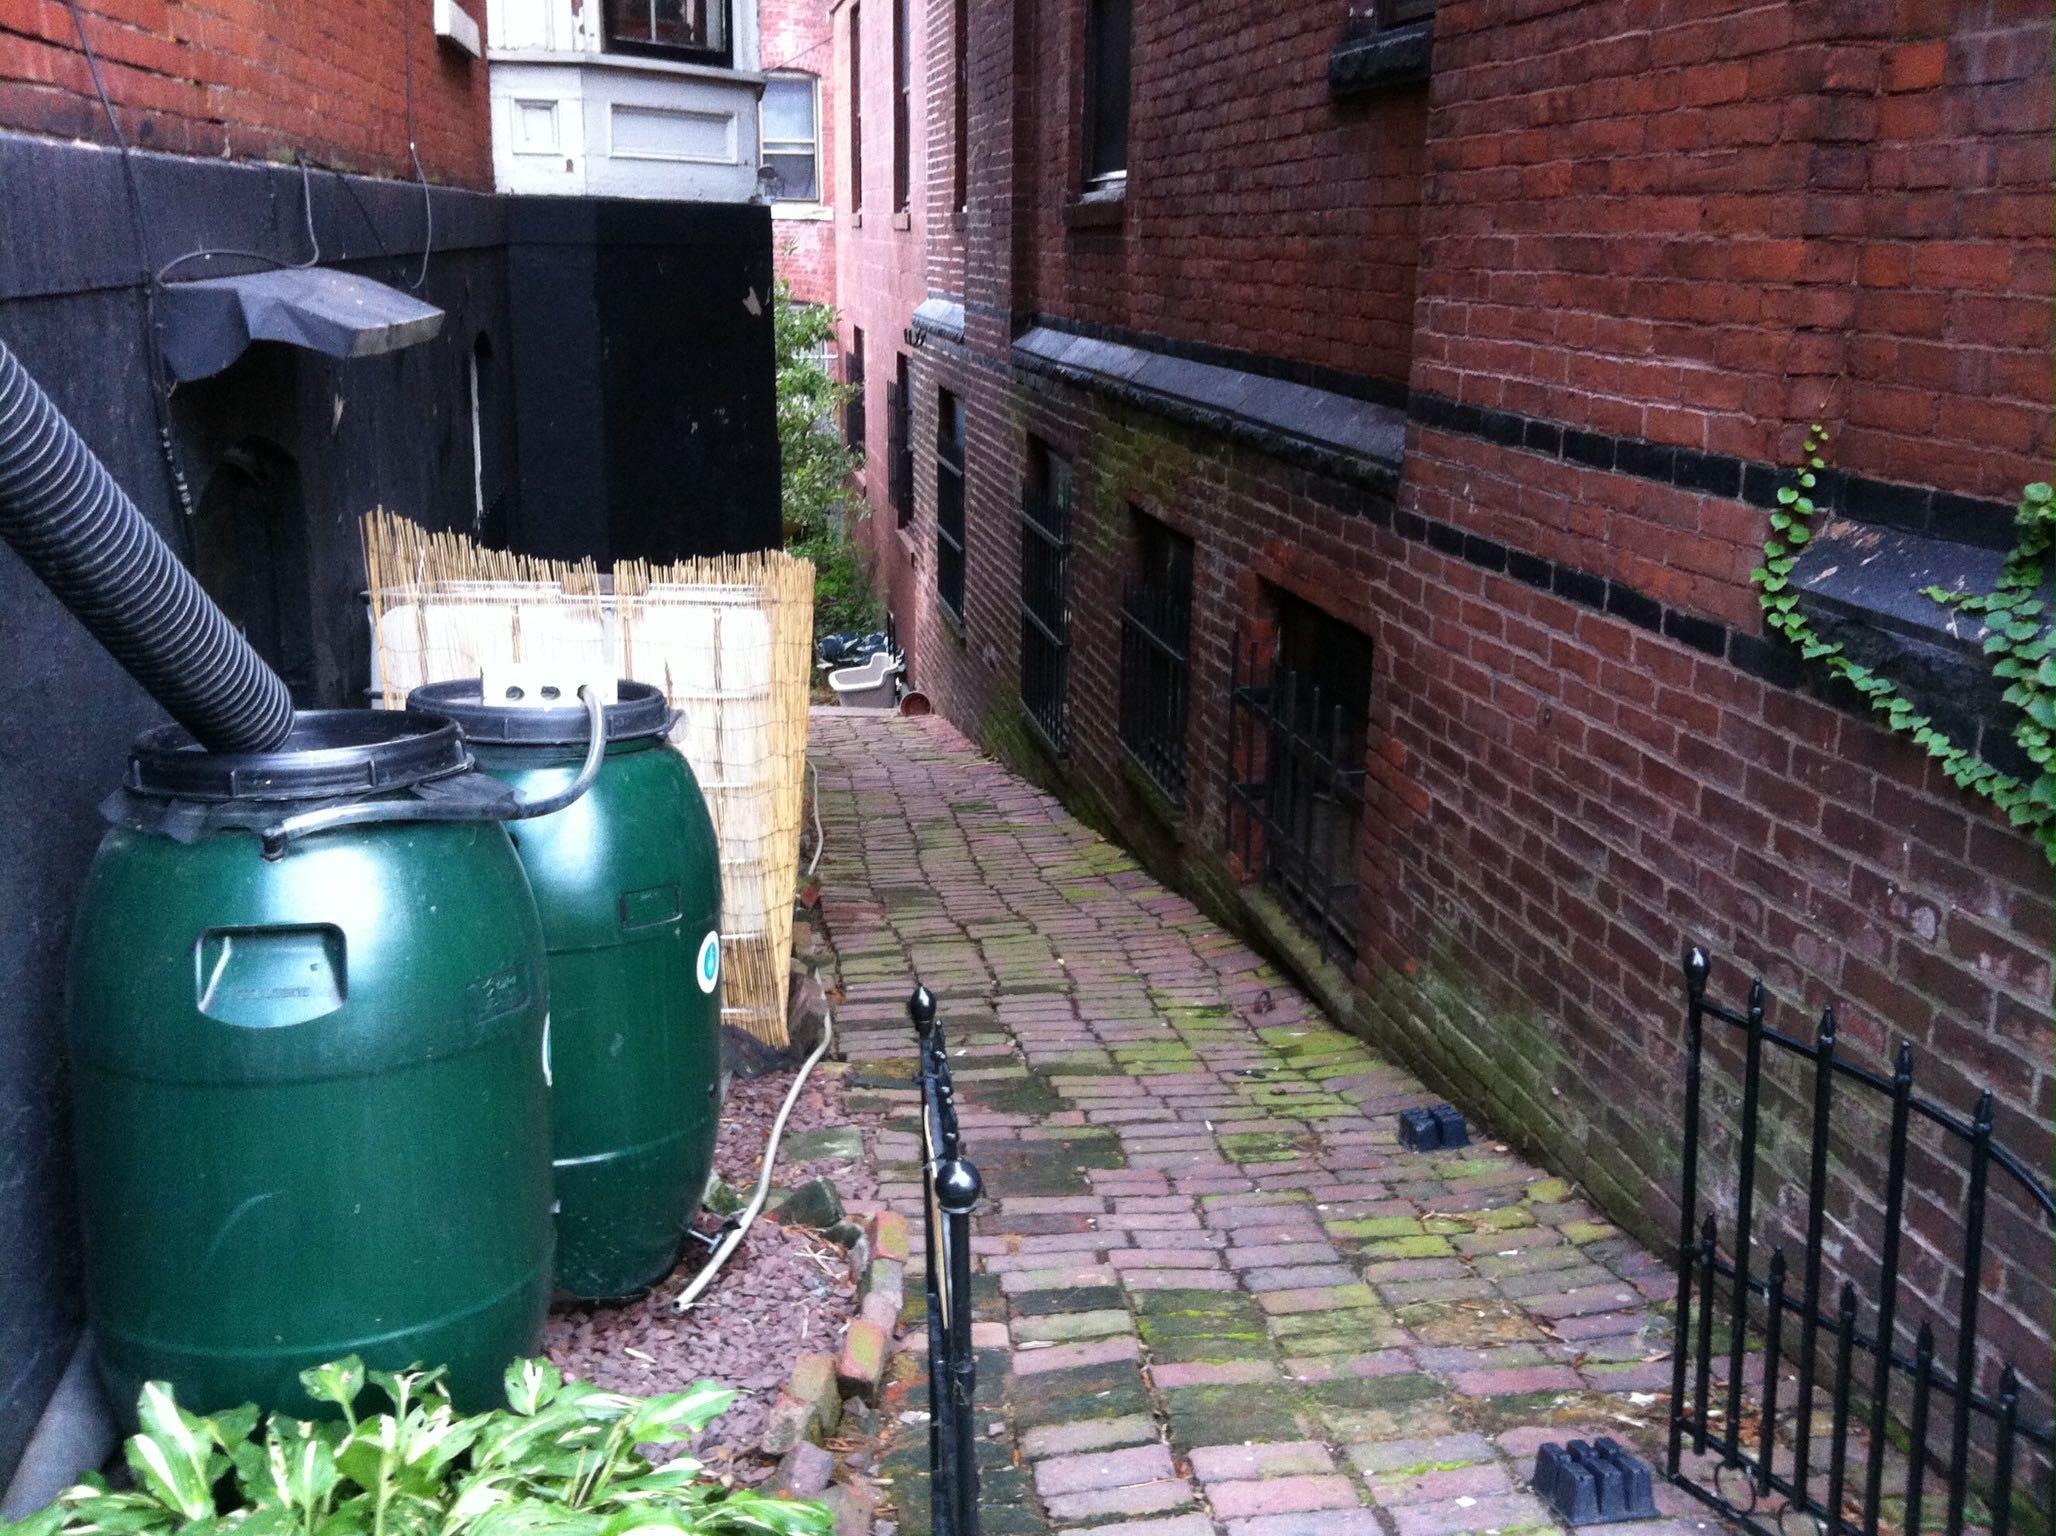 Rain water barrels on the side of Steve's house (Source: Steve Shultis)